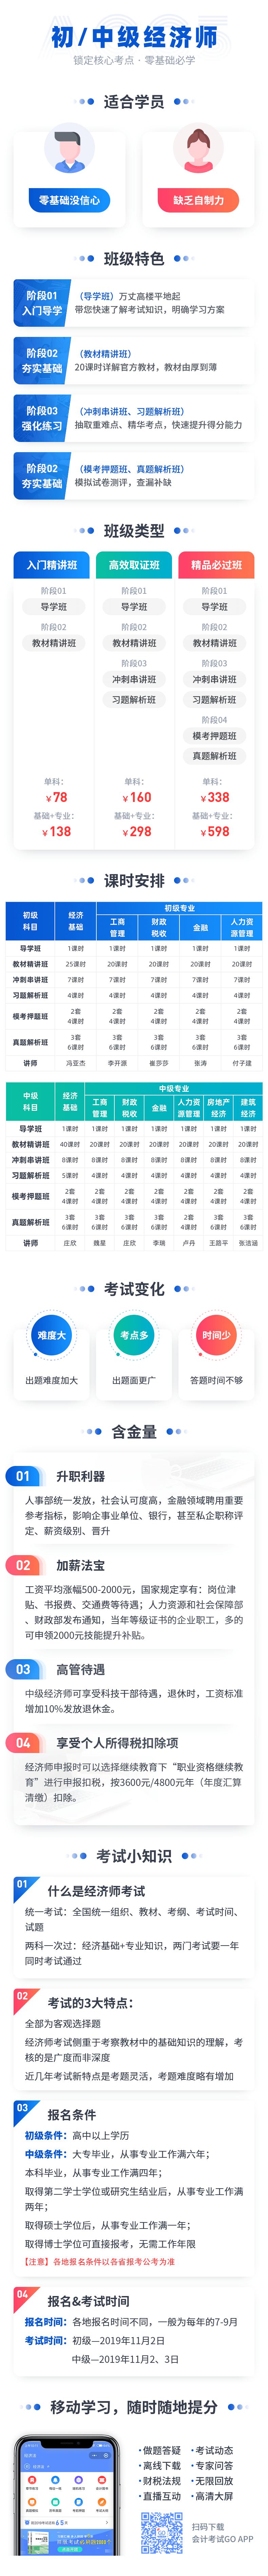 190710-經濟師詳情.png